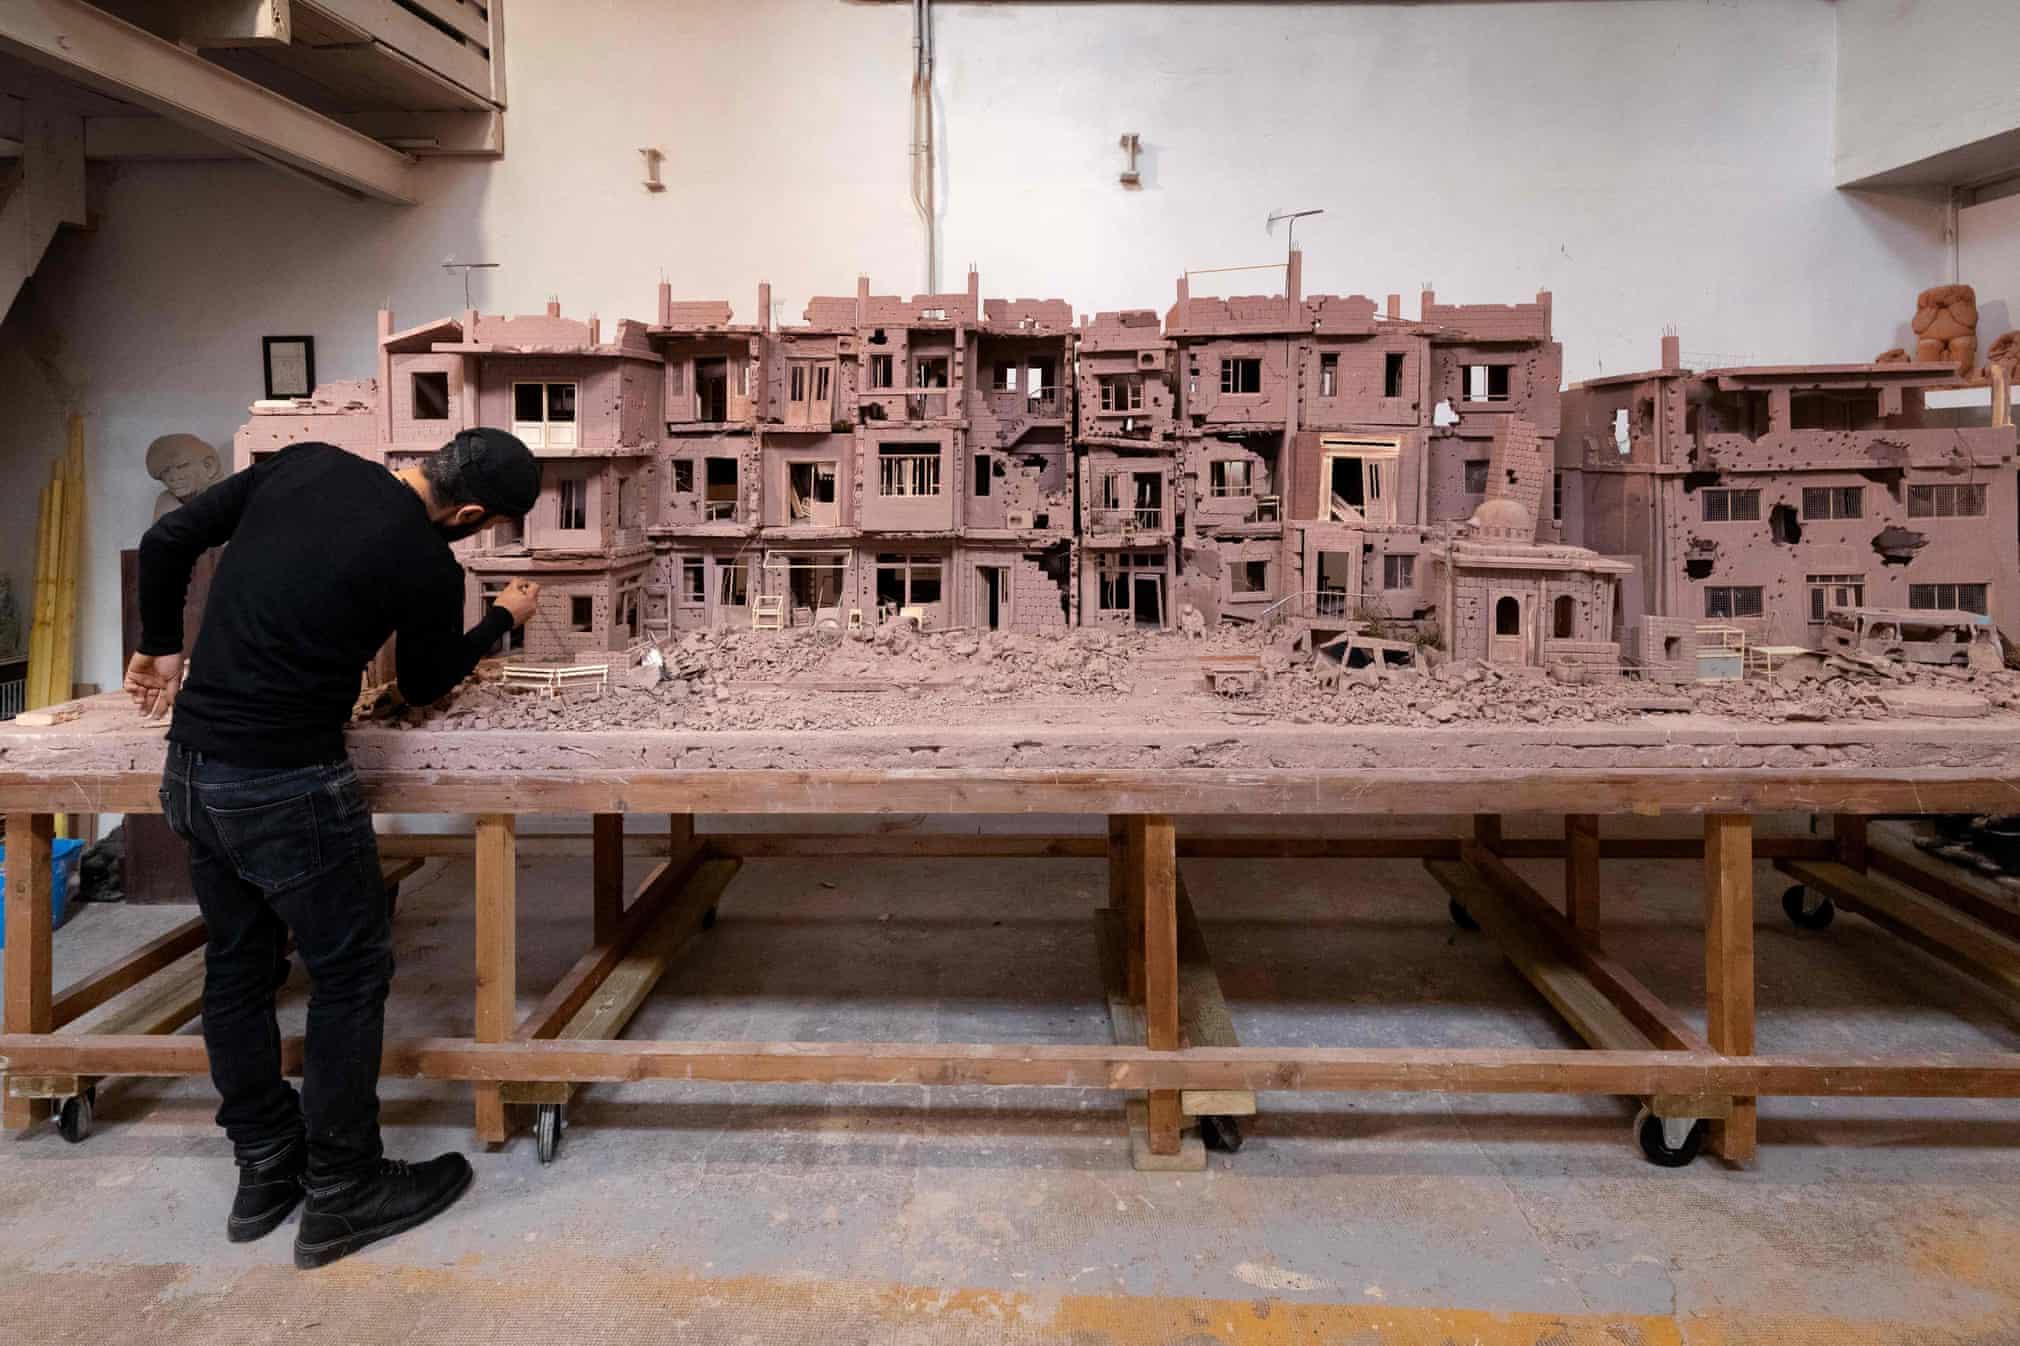 ساخت ماکت گِلی از خیابانی ویران در سوریه